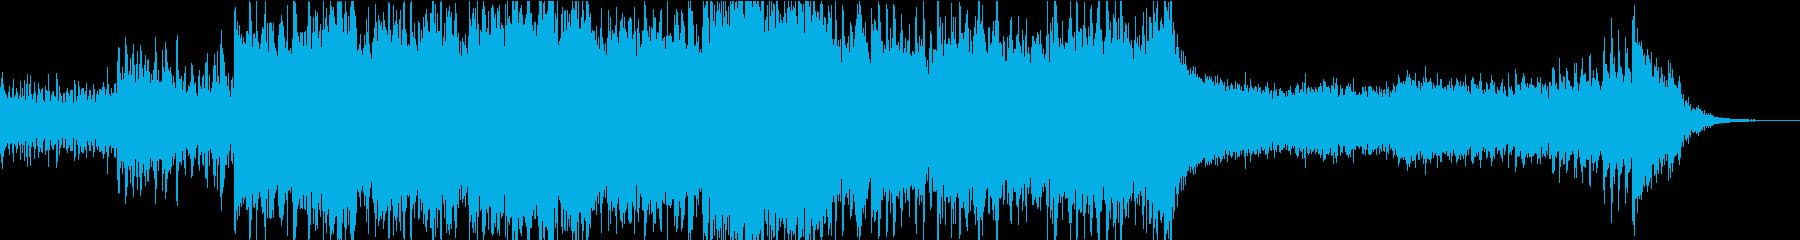 ドラマチック/シネマティックオープニングの再生済みの波形